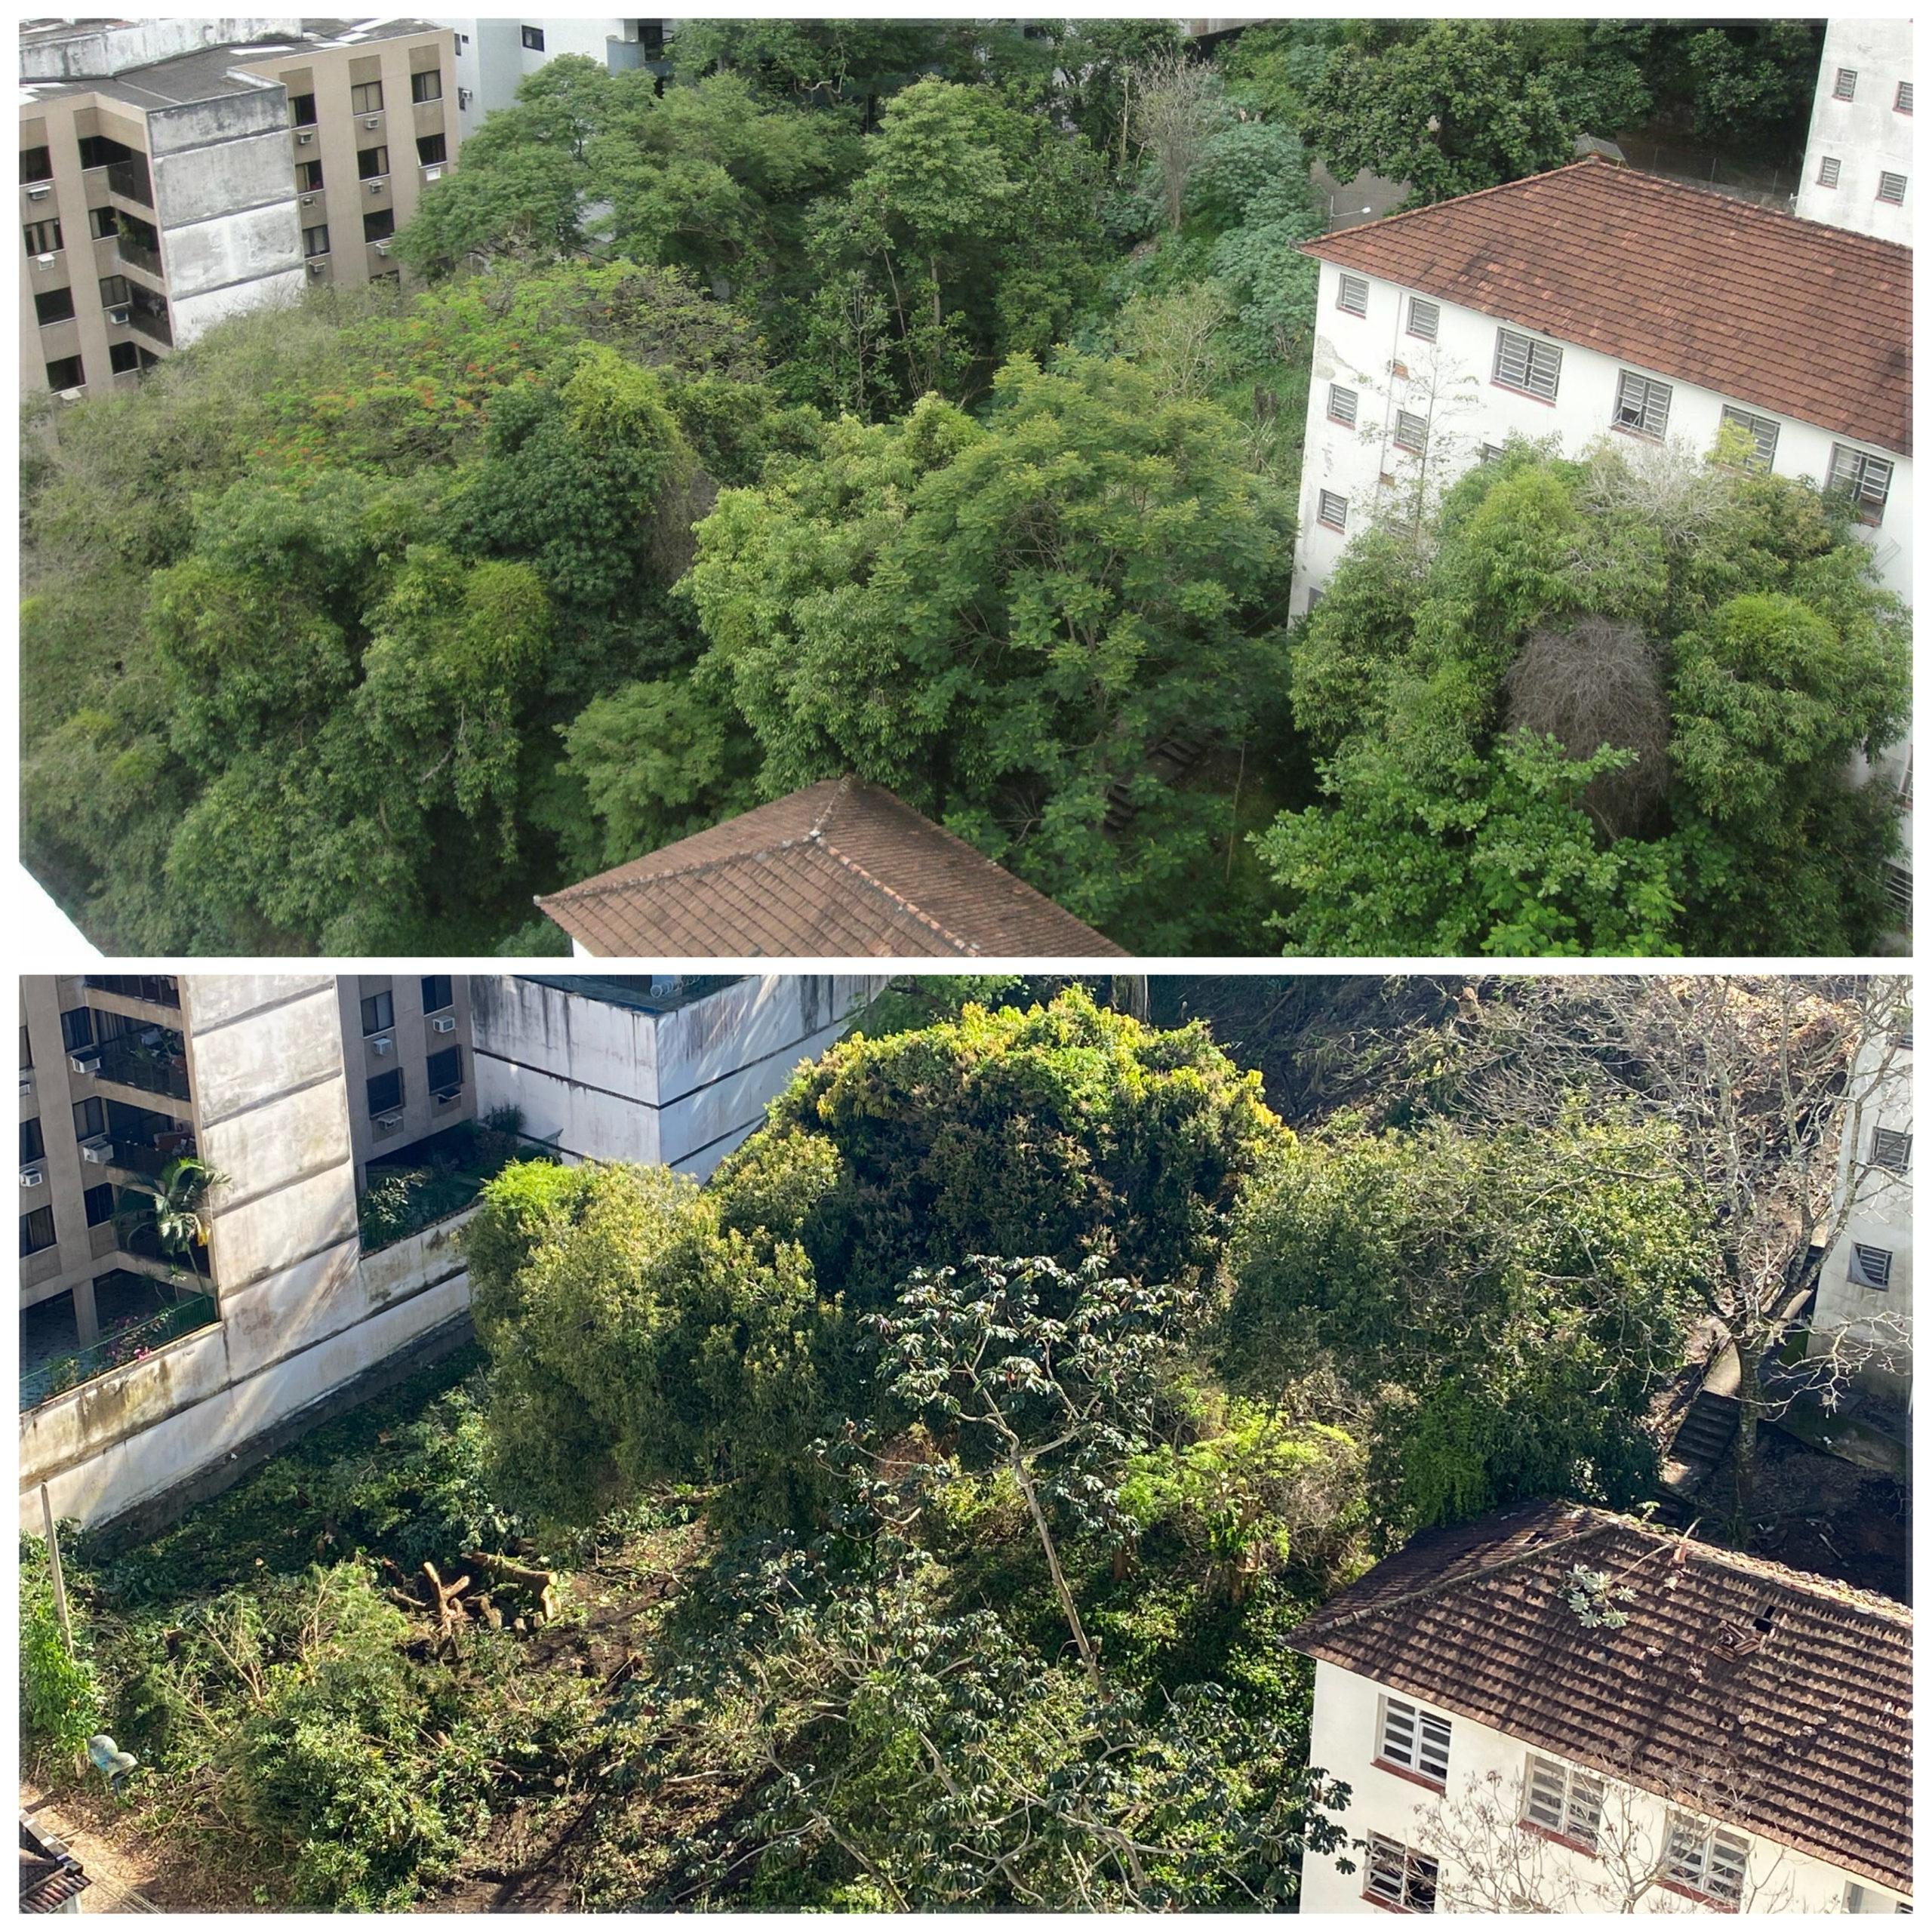 Veja antes e depois de área que será desmatada